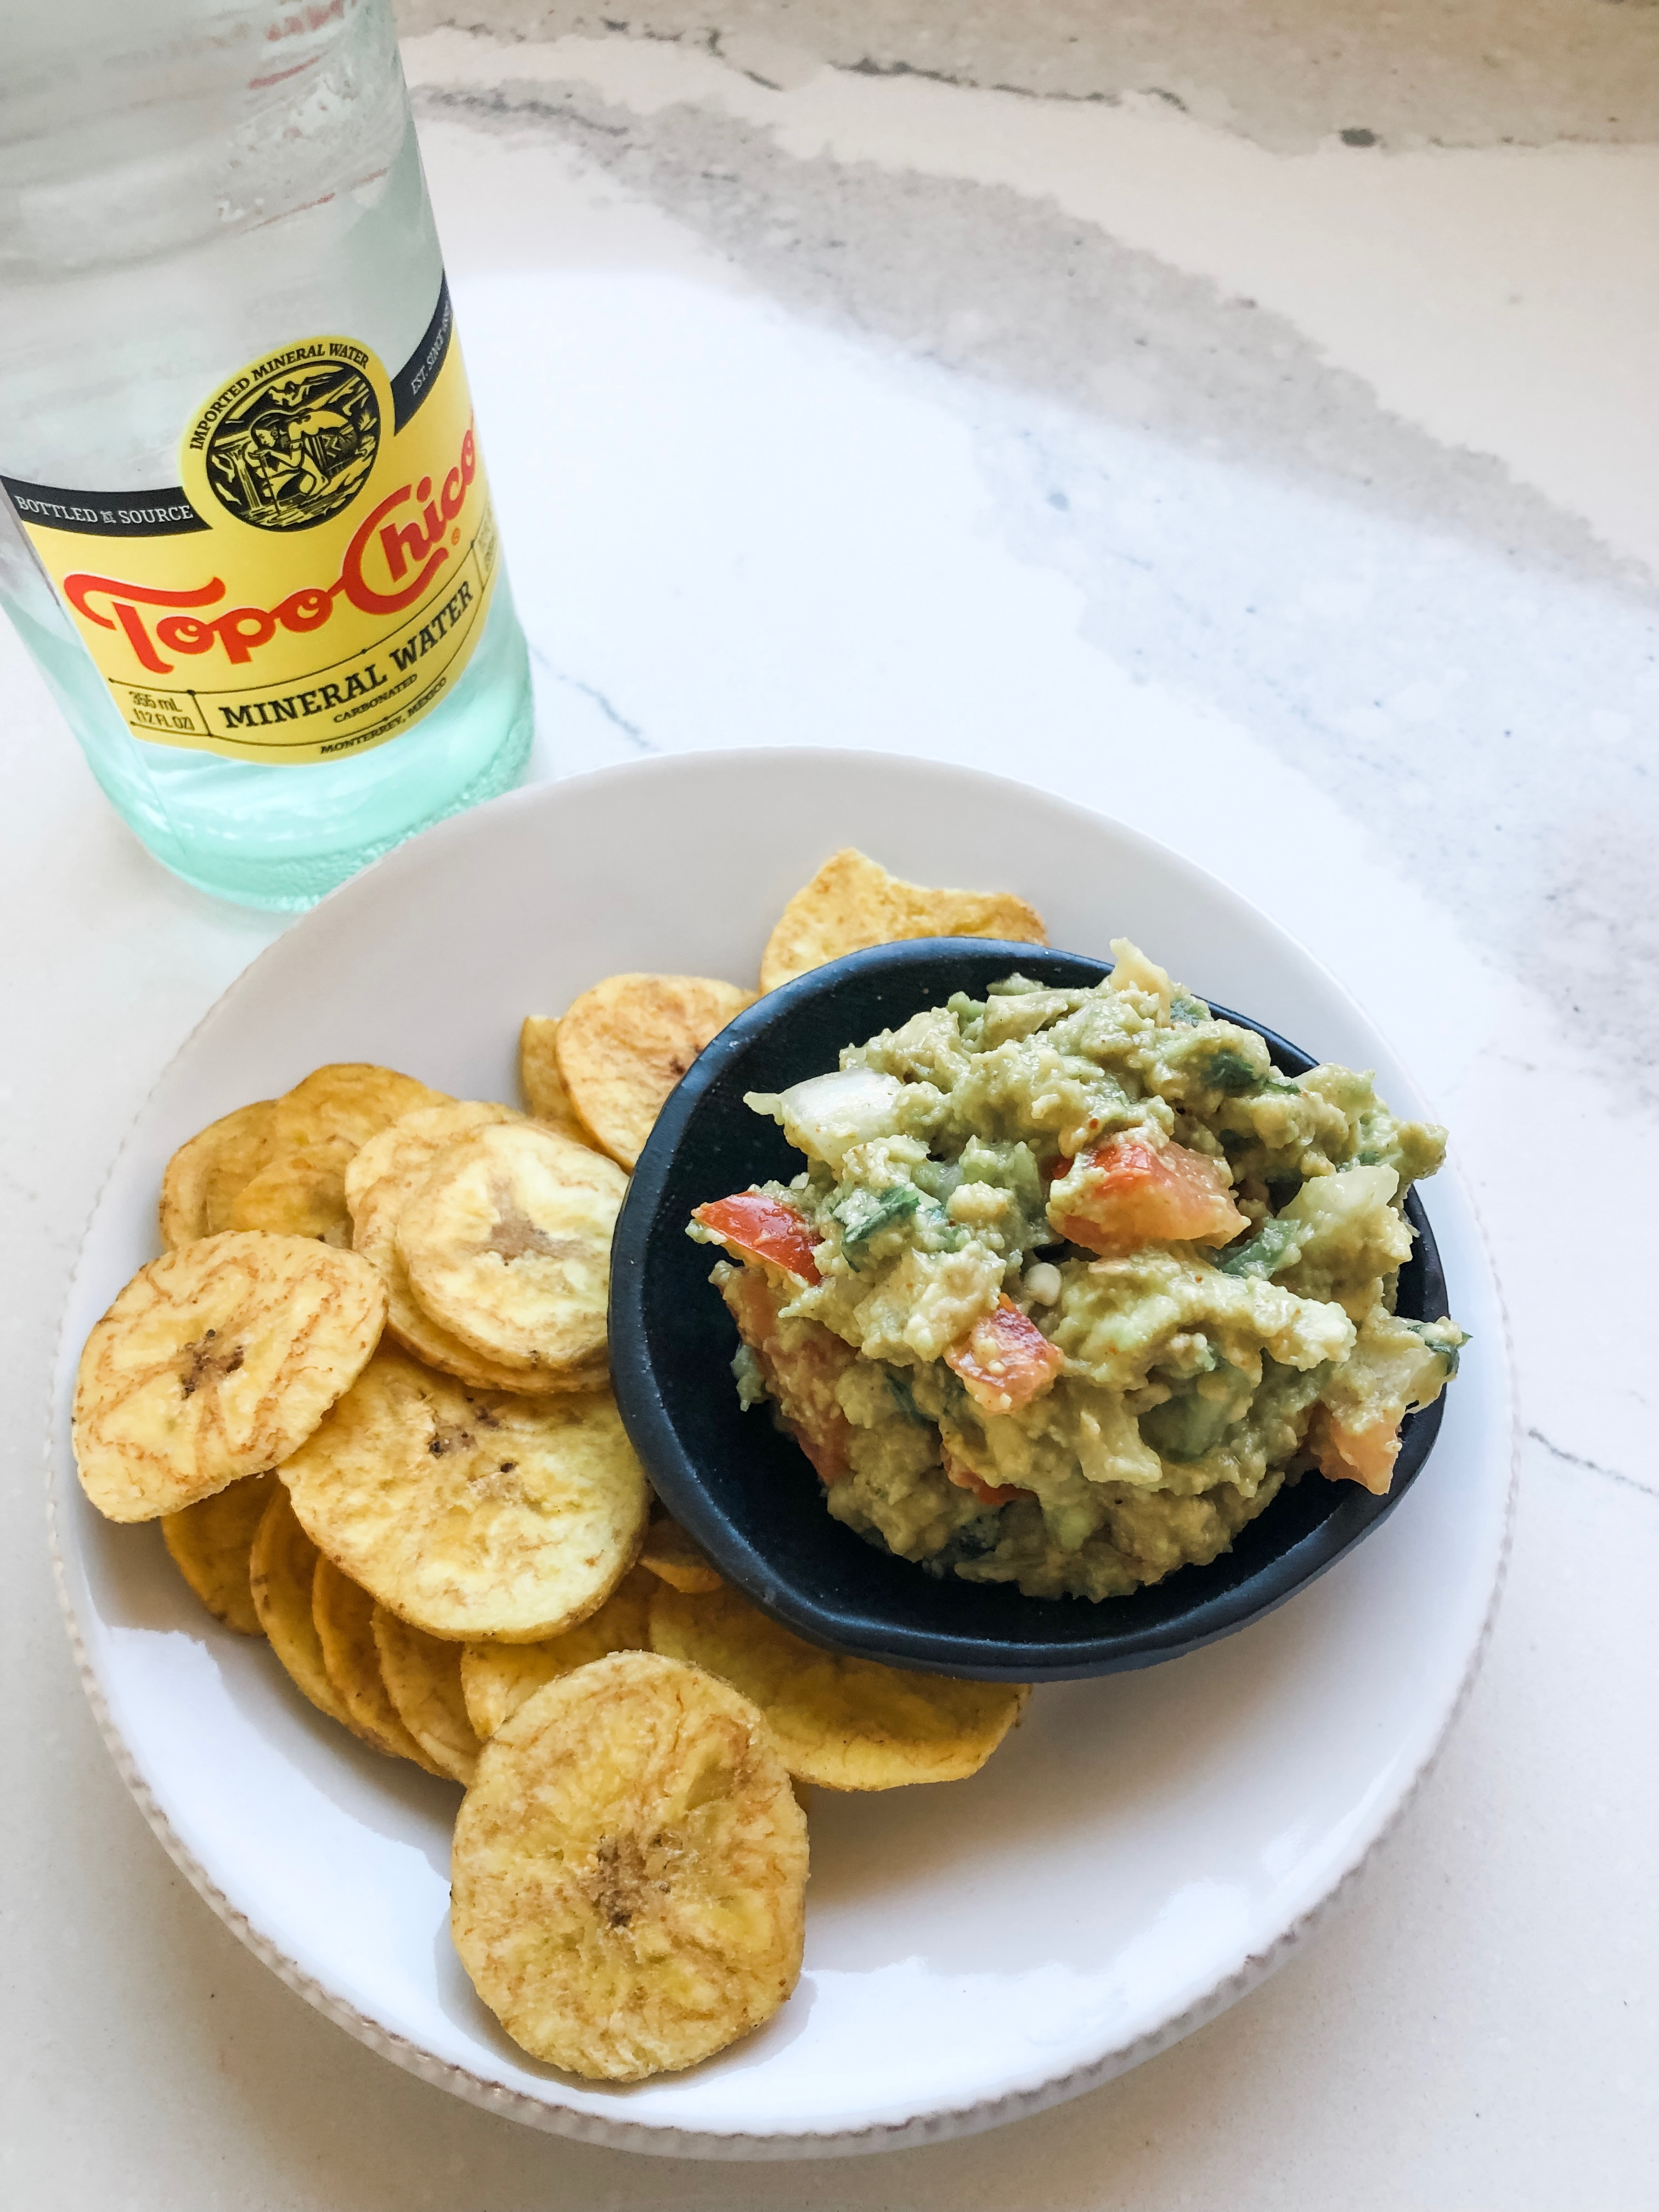 Ridiculously Good Homemade Guacamole instantloss.com